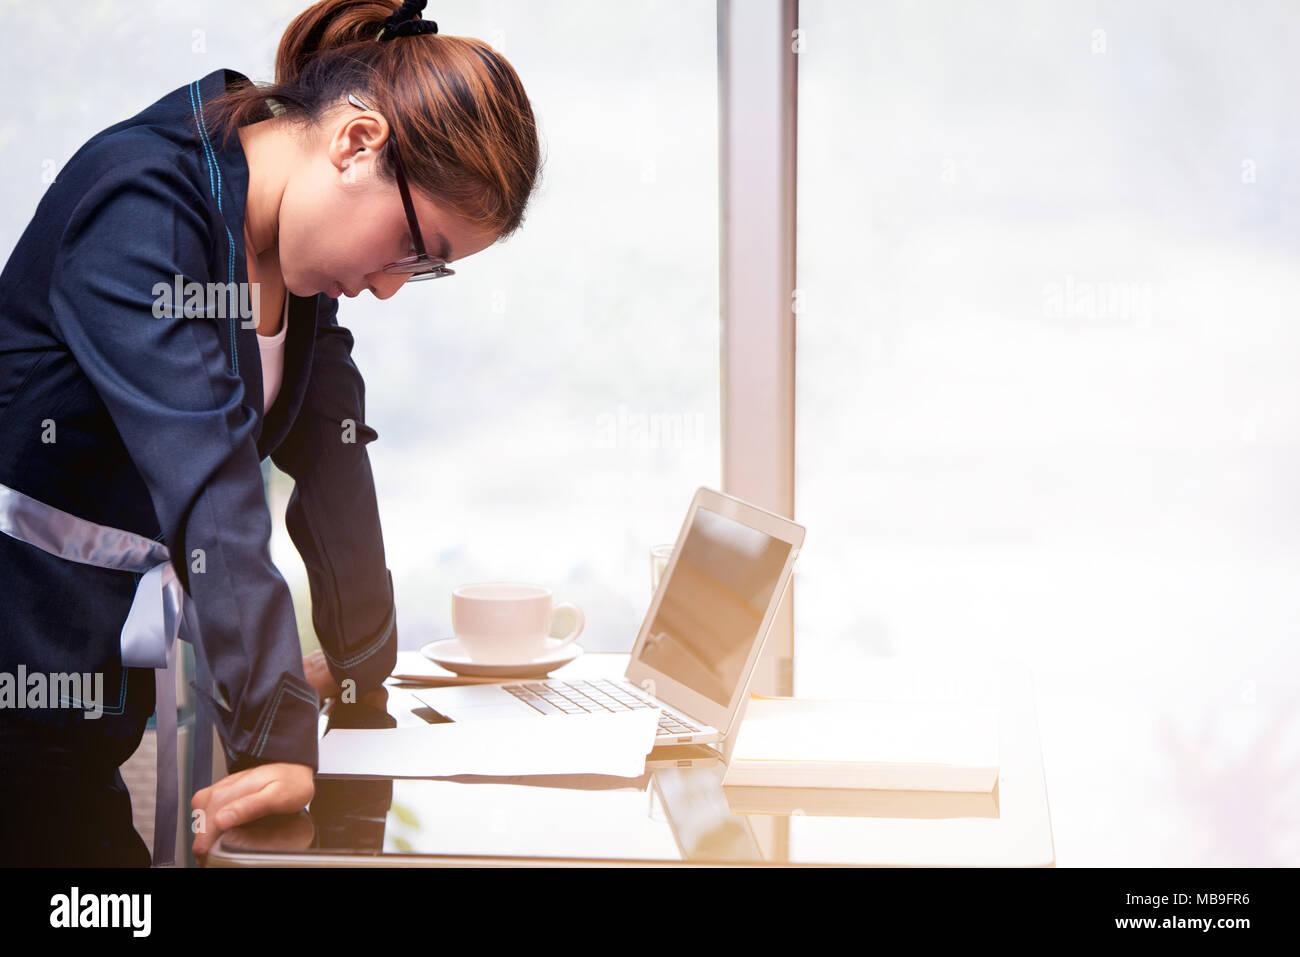 Asiatische Buro Frau Stehen Und Die Hand Auf Dem Schreibtisch Und